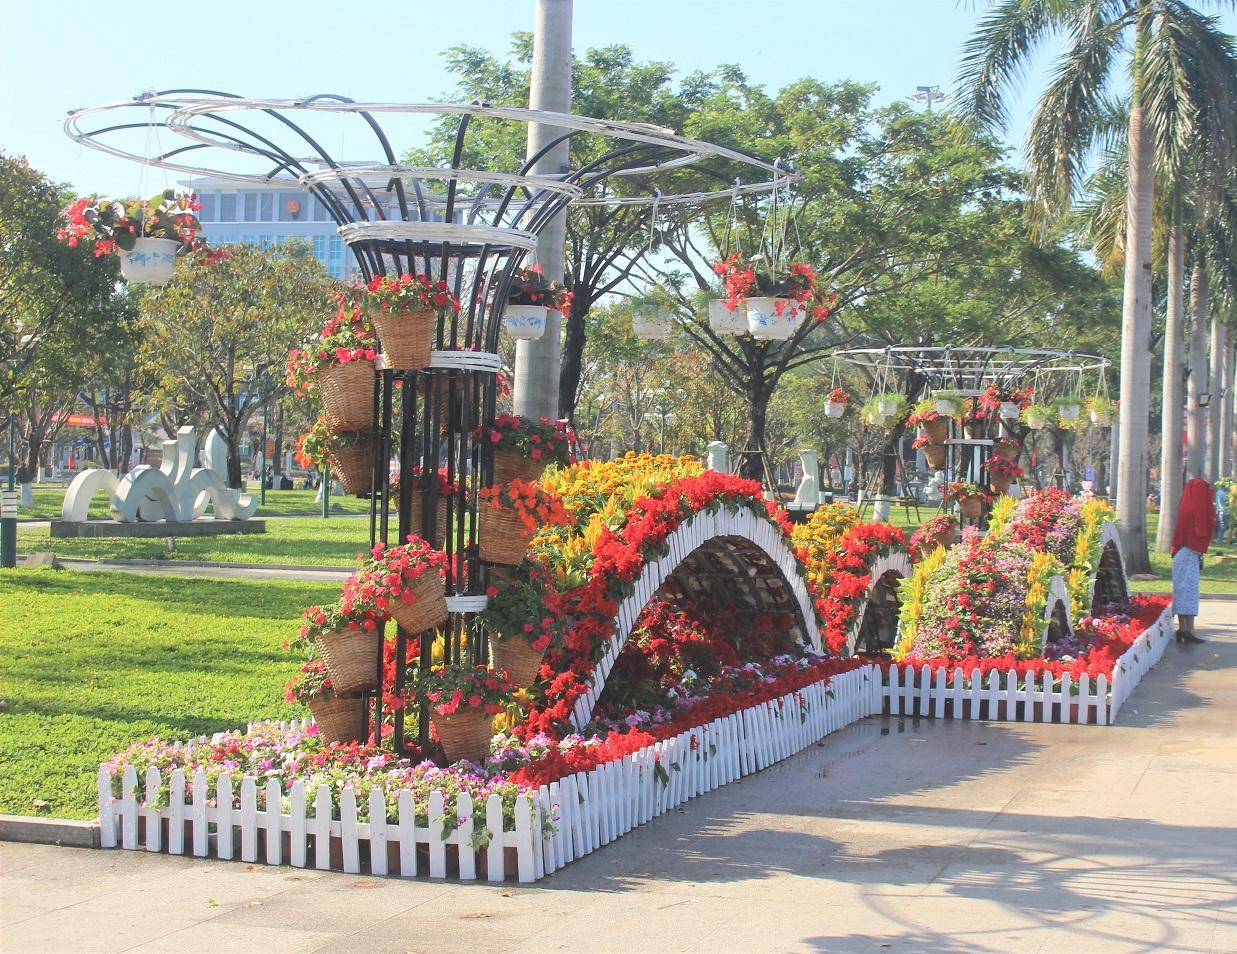 Quảng Nam: Quảng trường 24-3 rực rỡ trước Tết Canh Tý 2020 Ảnh 9